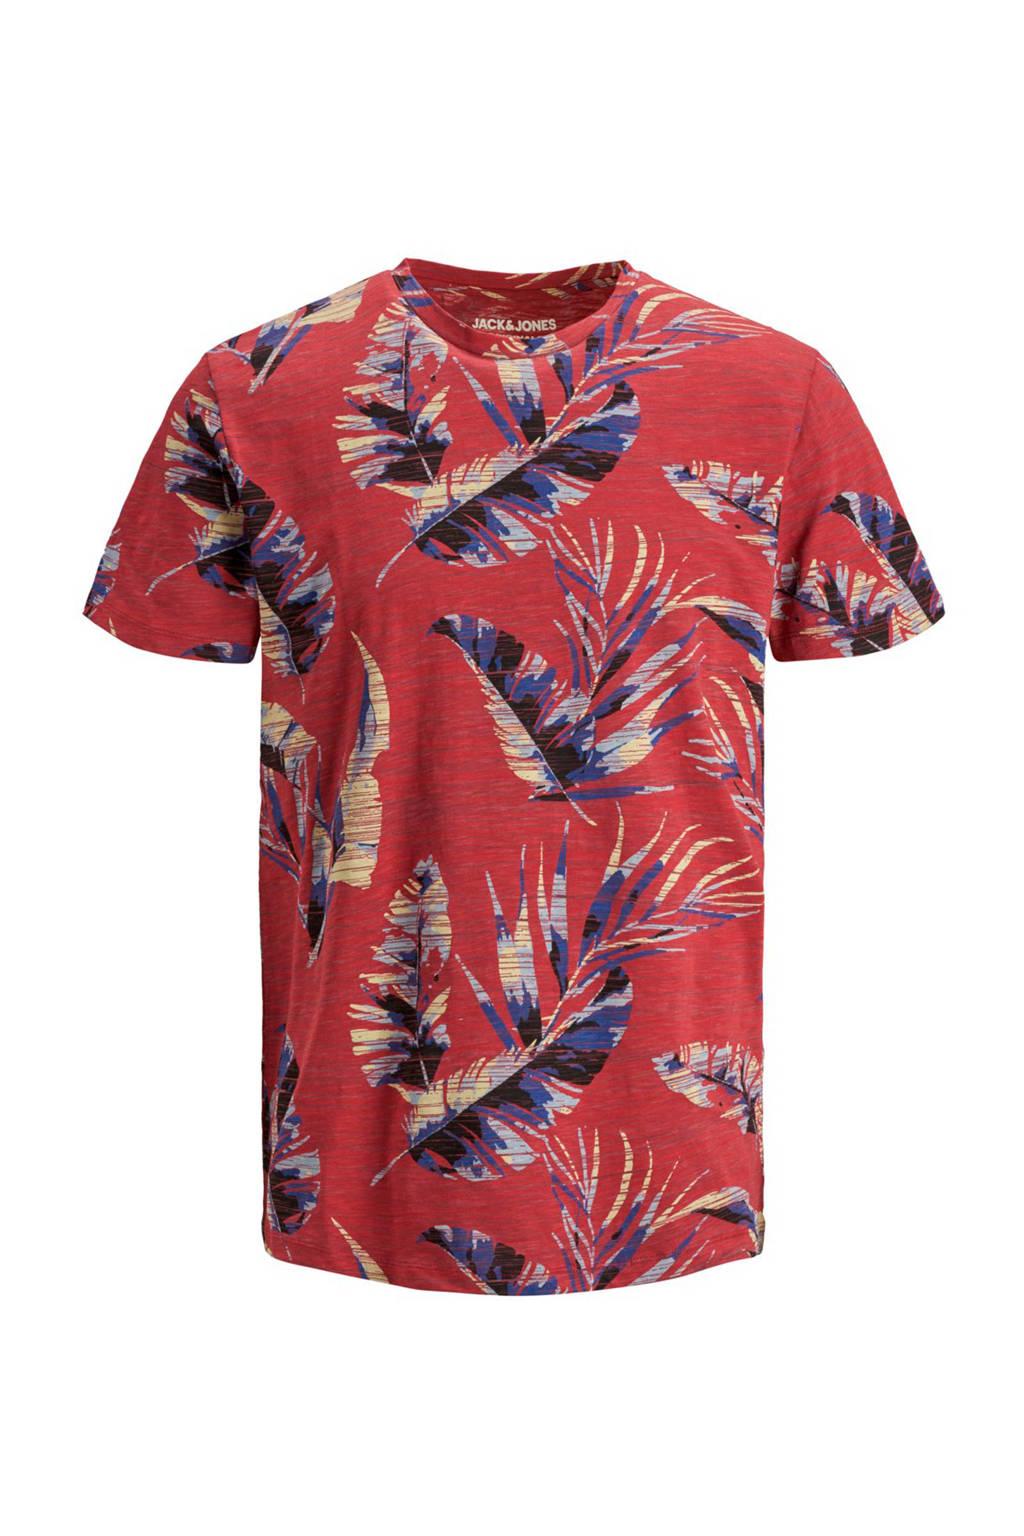 JACK & JONES ORIGINALS T-shirt met all over print rood/blauw, Rood/blauw